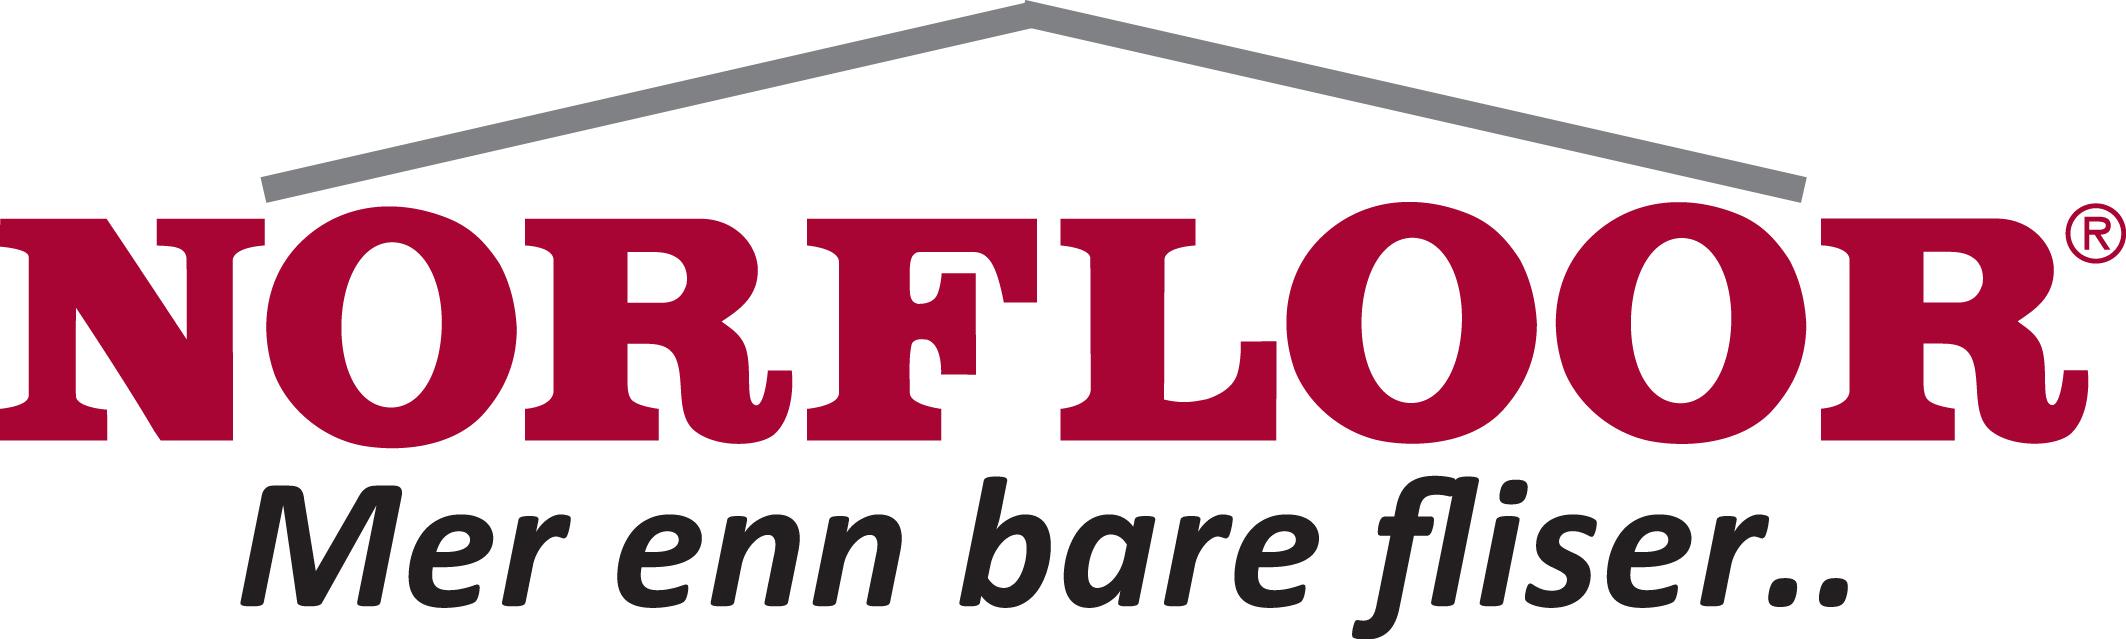 norfloor logo.jpg